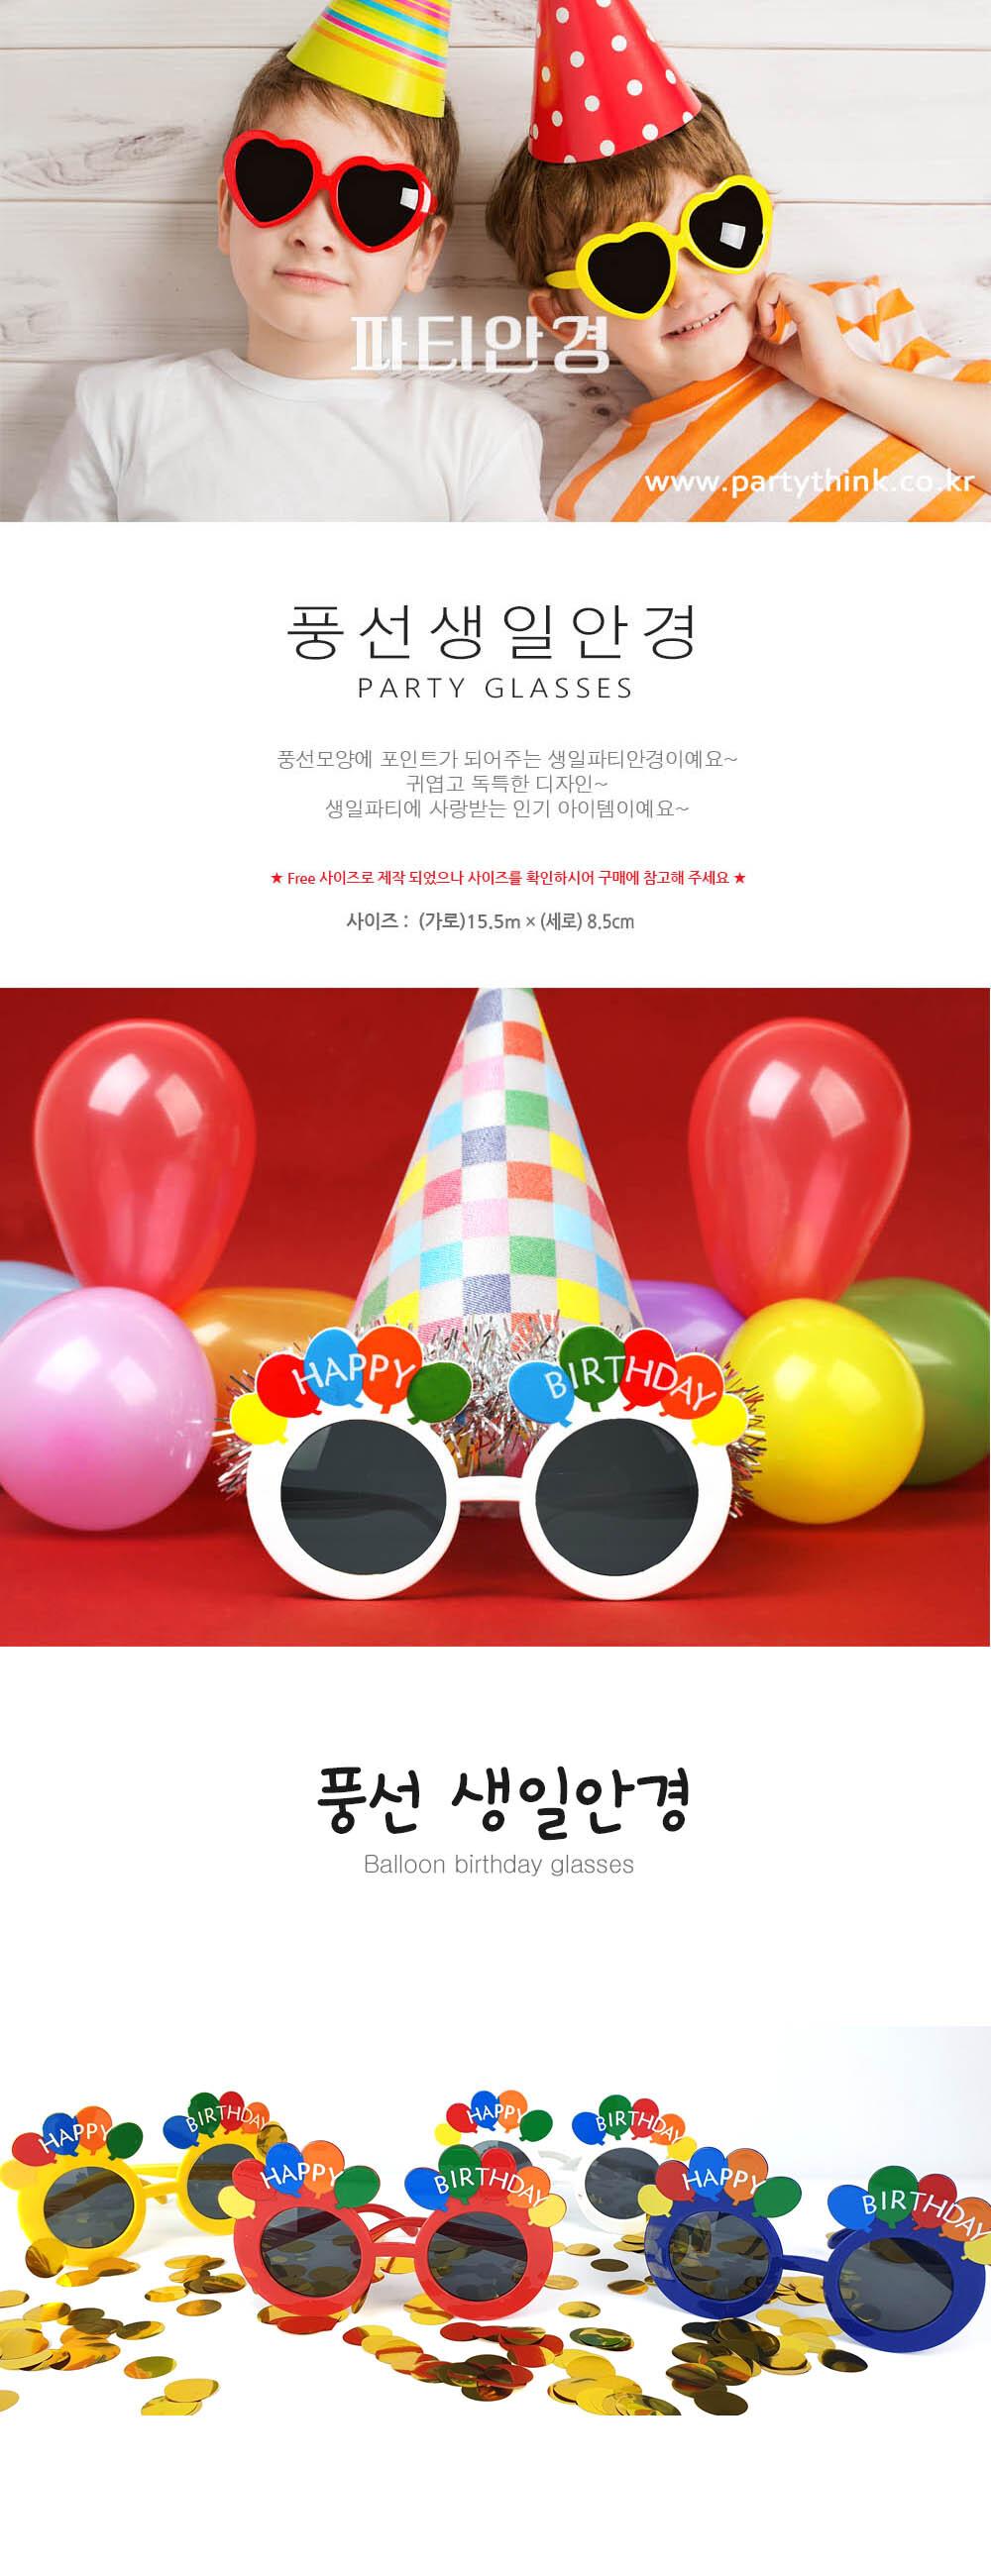 풍선생일안경 - 파티클럽, 2,400원, 장식품, 워터볼/오르골